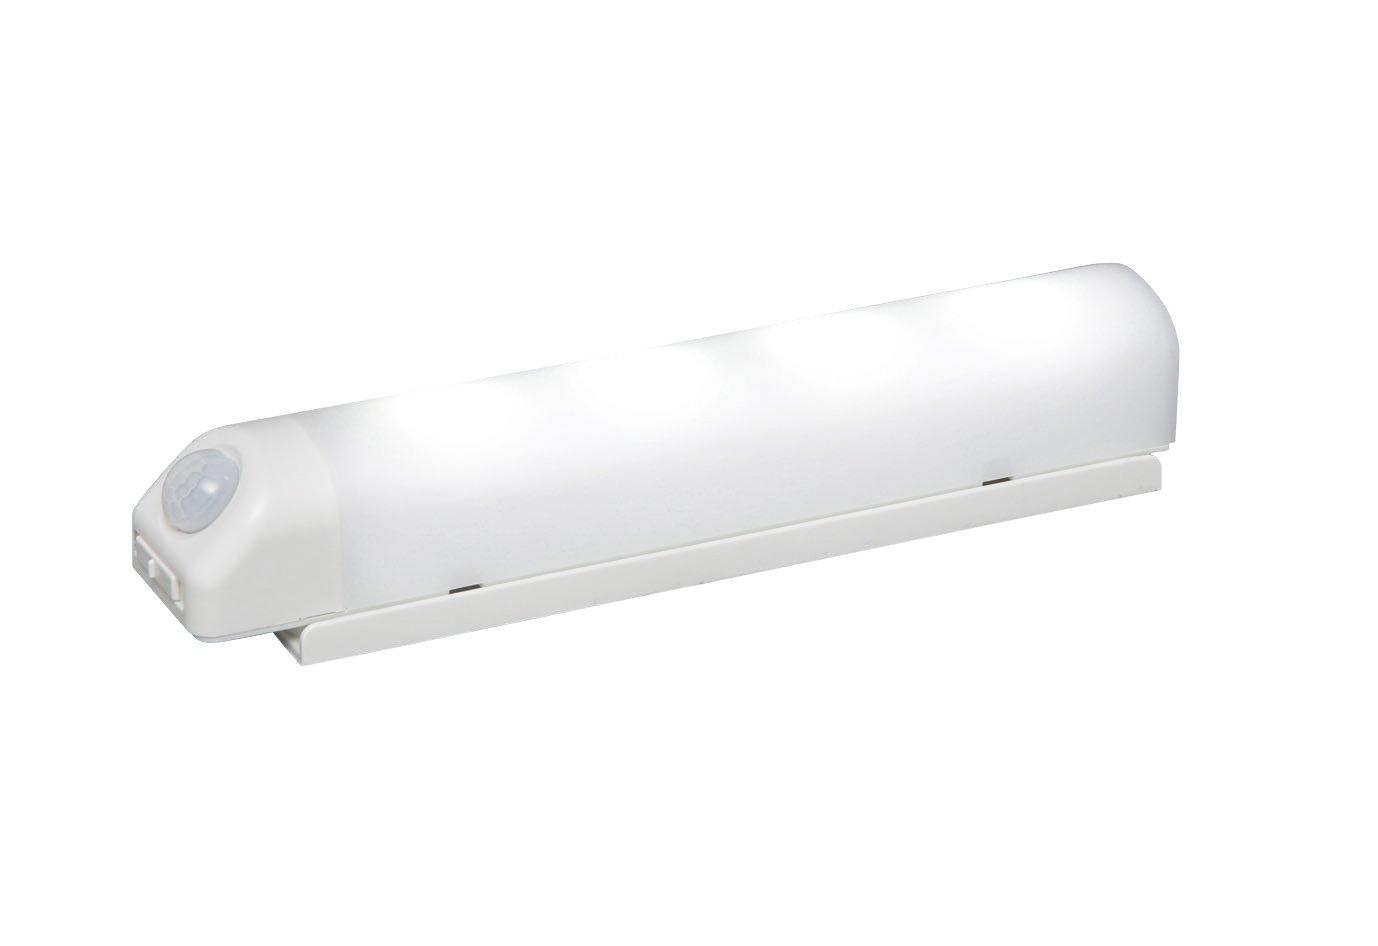 アイリスオーヤマ 屋内 LED センサーライト 昼白色 乾電池式 ウォールタイプ